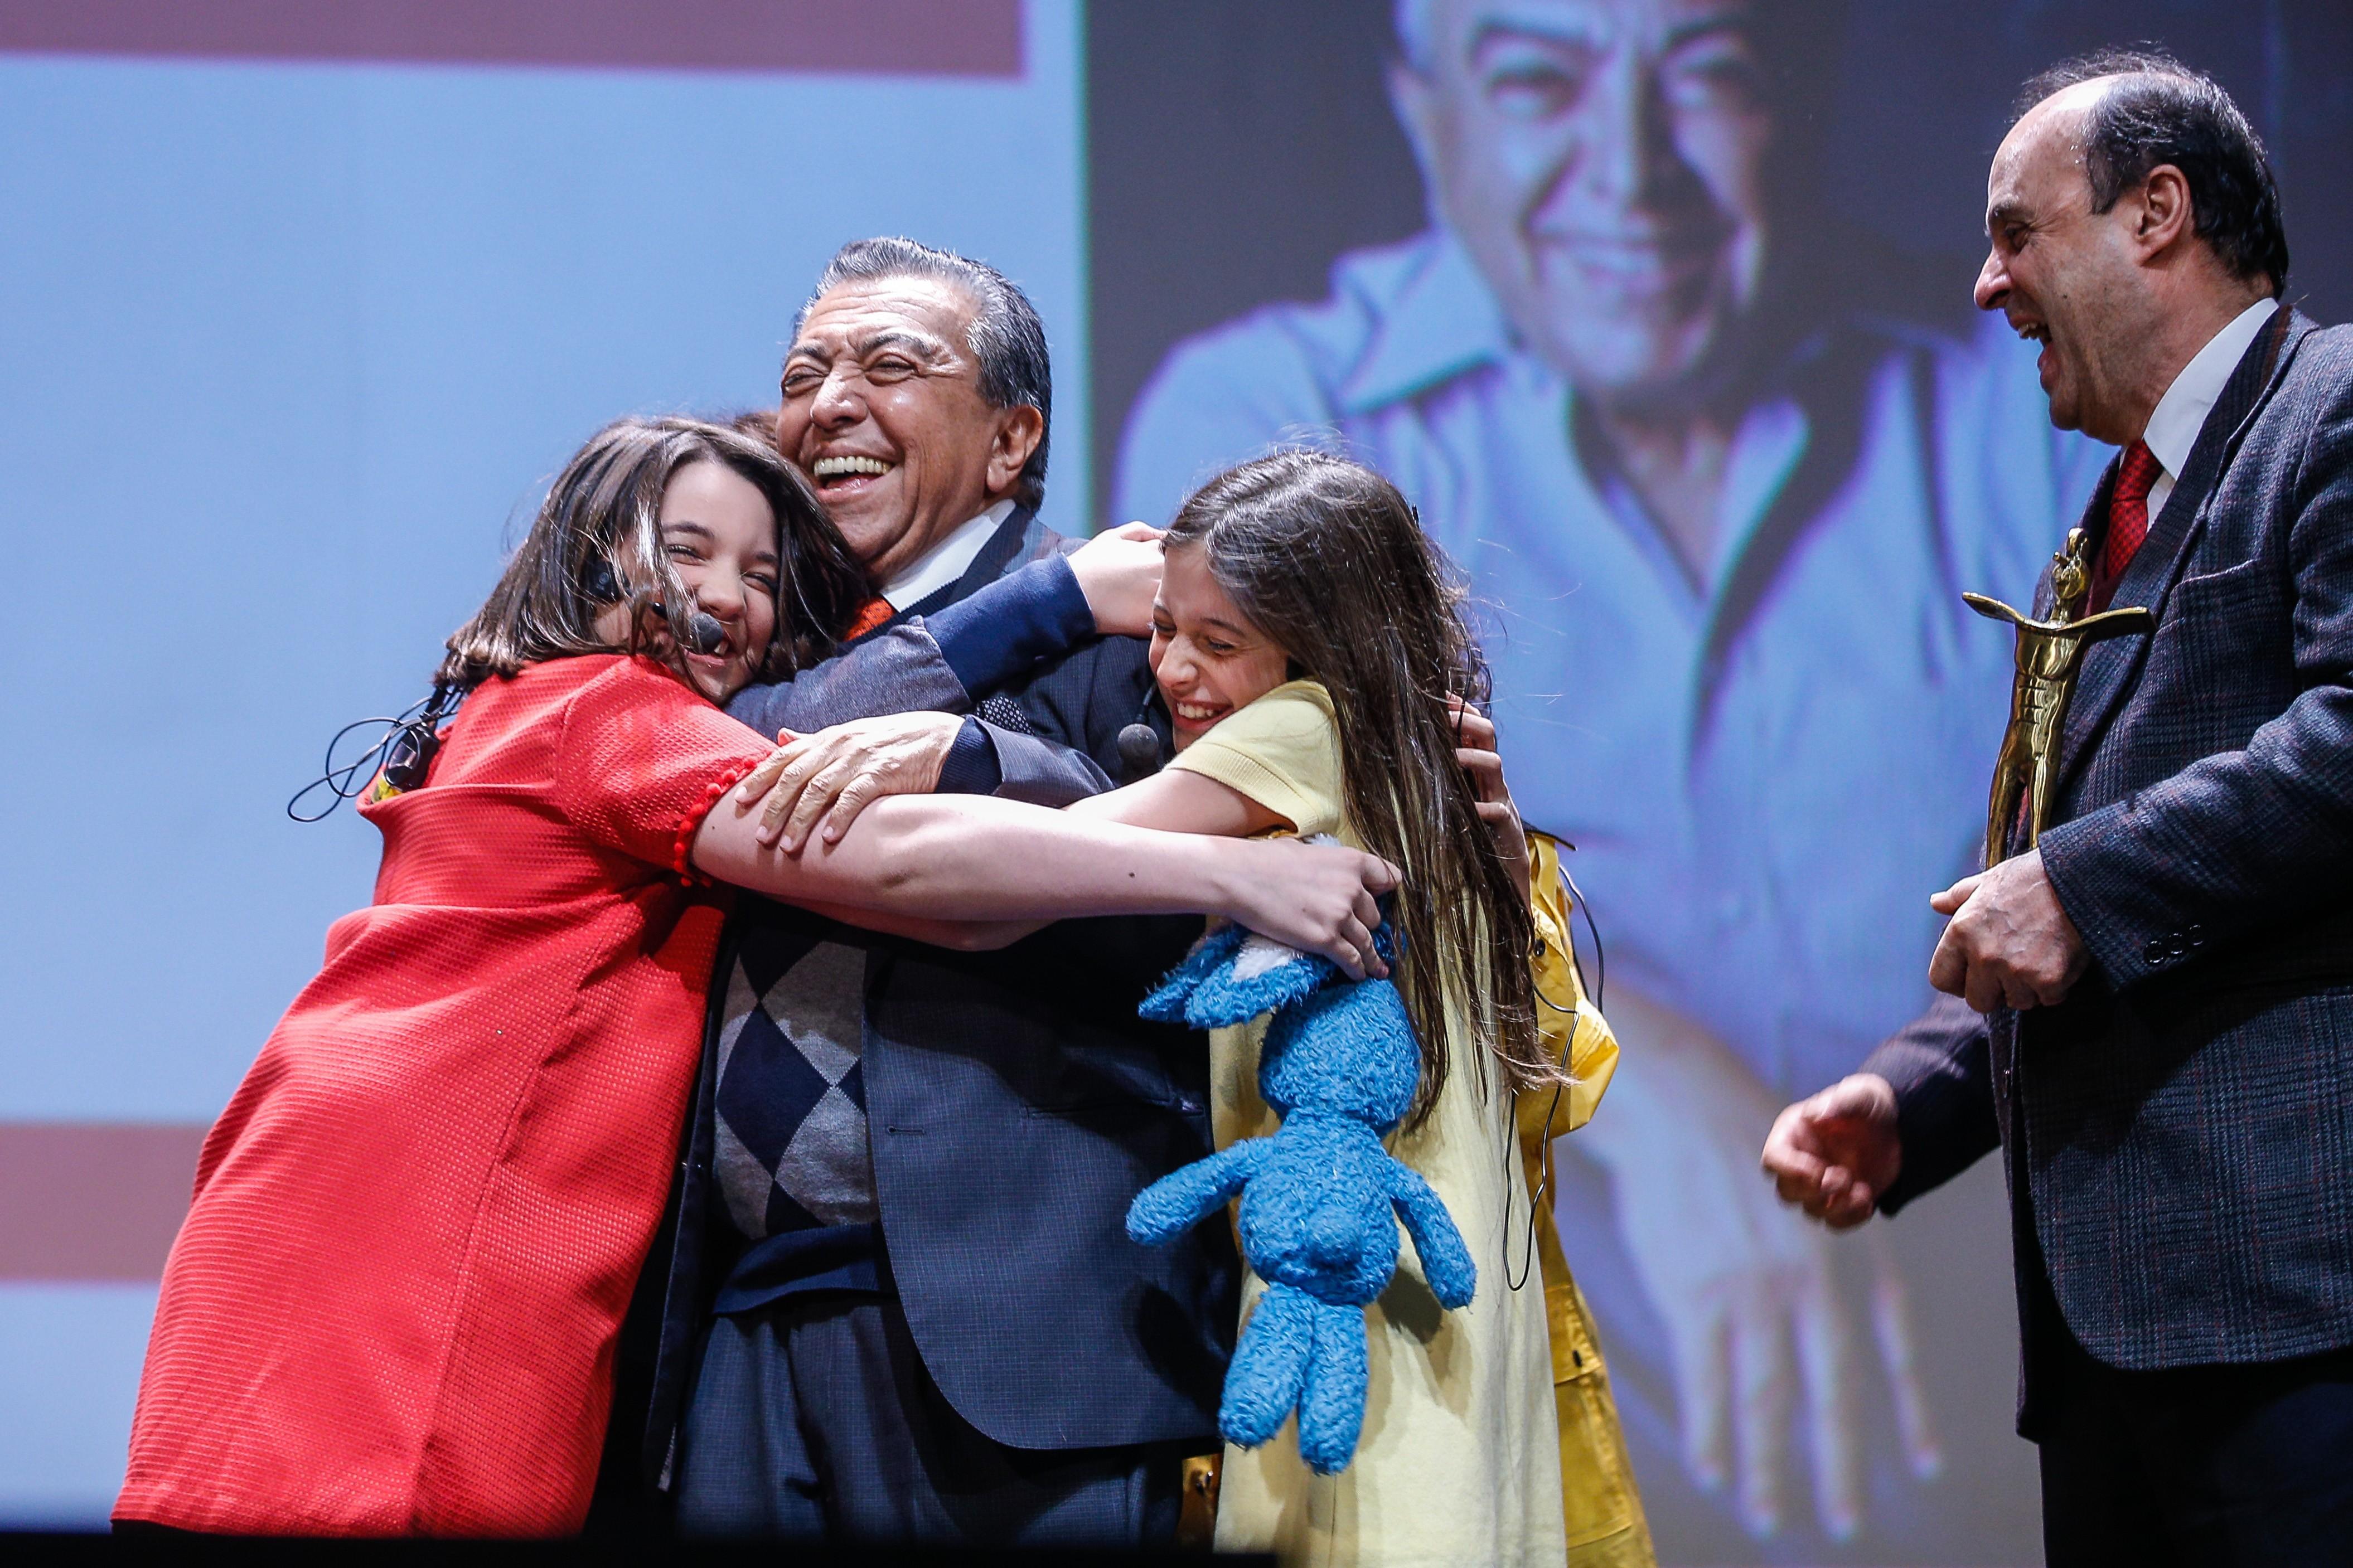 Mauricio de Sousa recebe homenagem no Festival de Cinema de Gramado  - Notícias - Plantão Diário